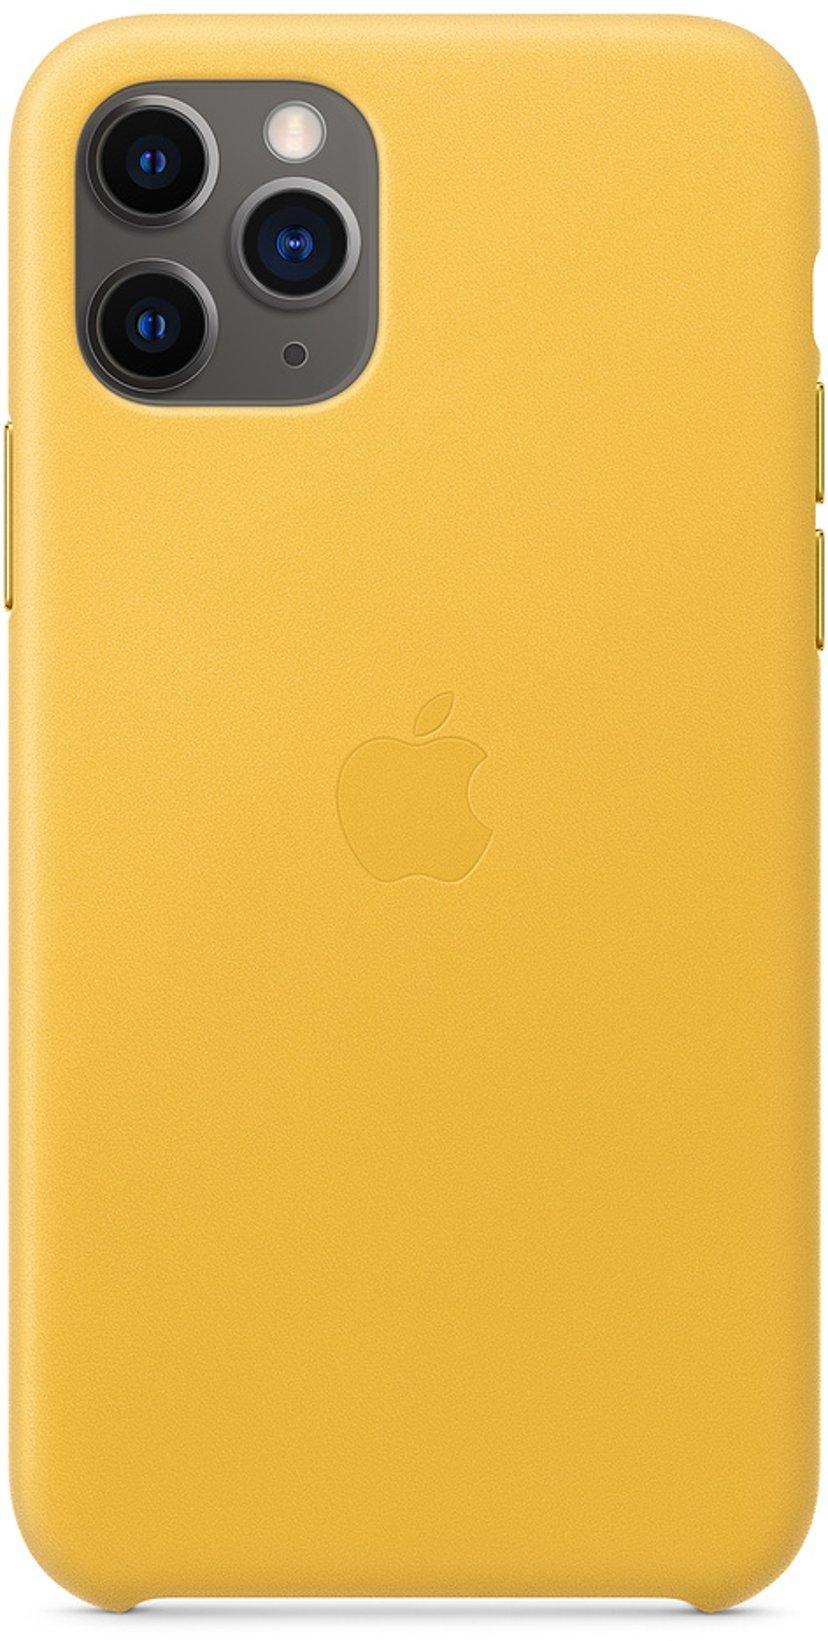 Apple Baksidesskydd för mobiltelefon